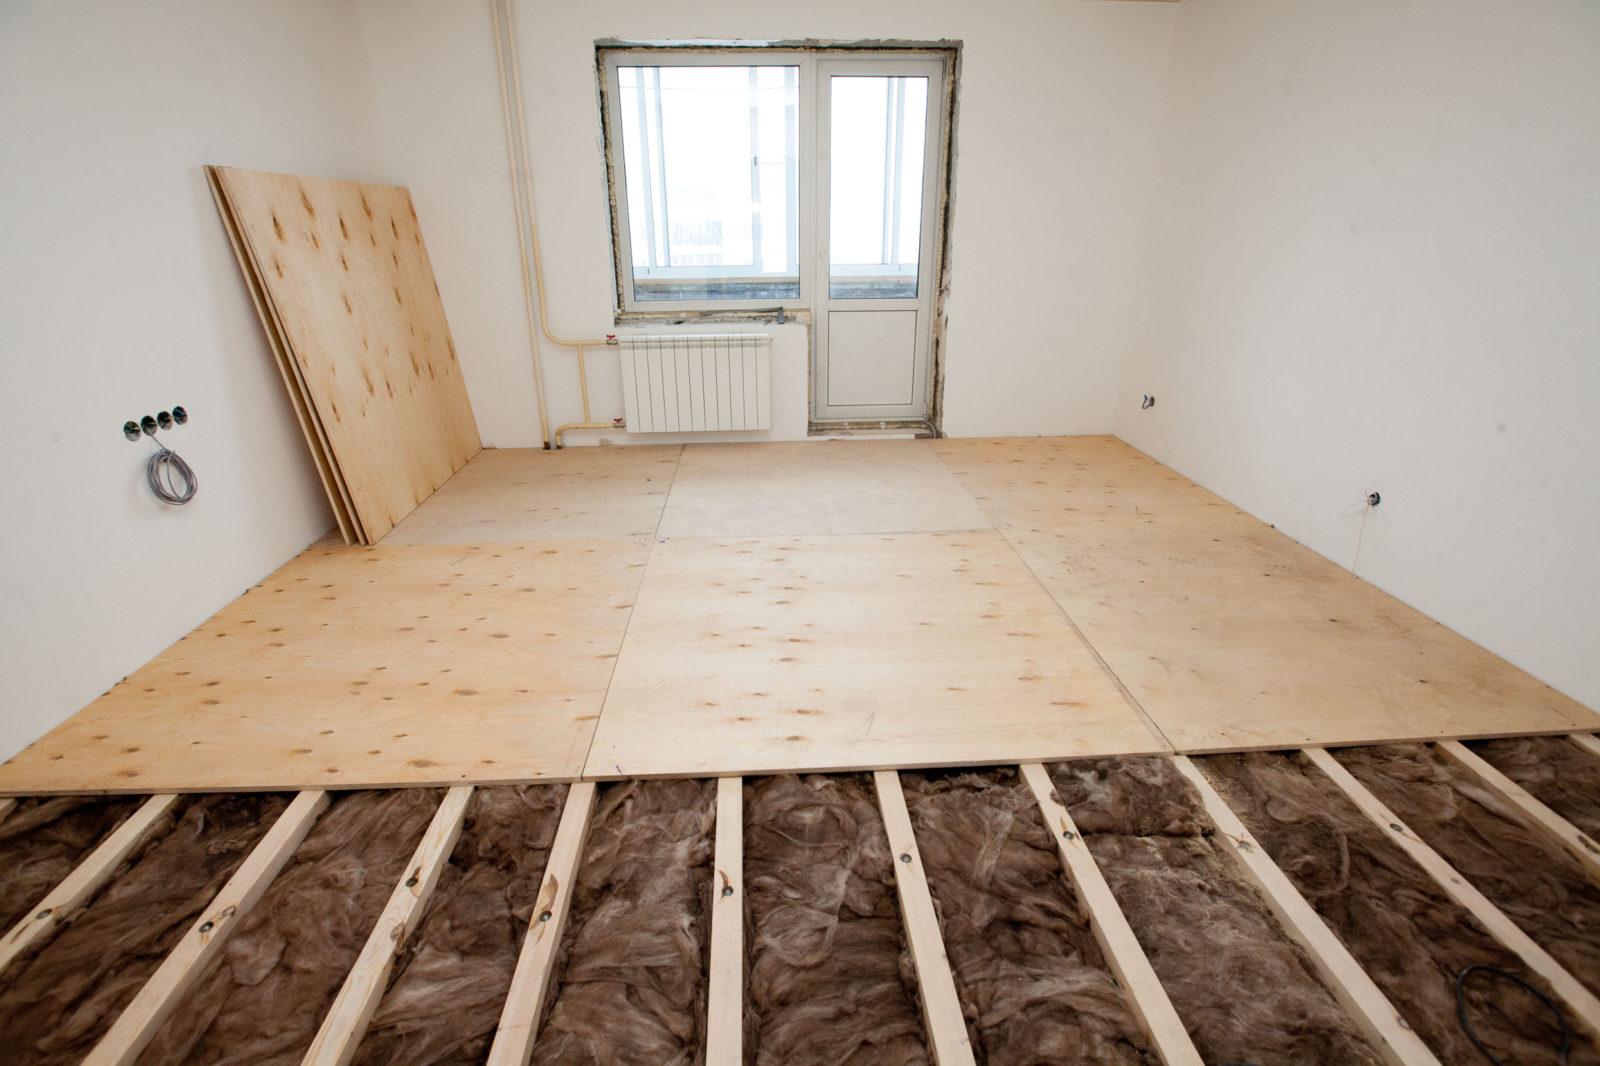 Как утеплить пол в квартире своими руками недорого и быстро